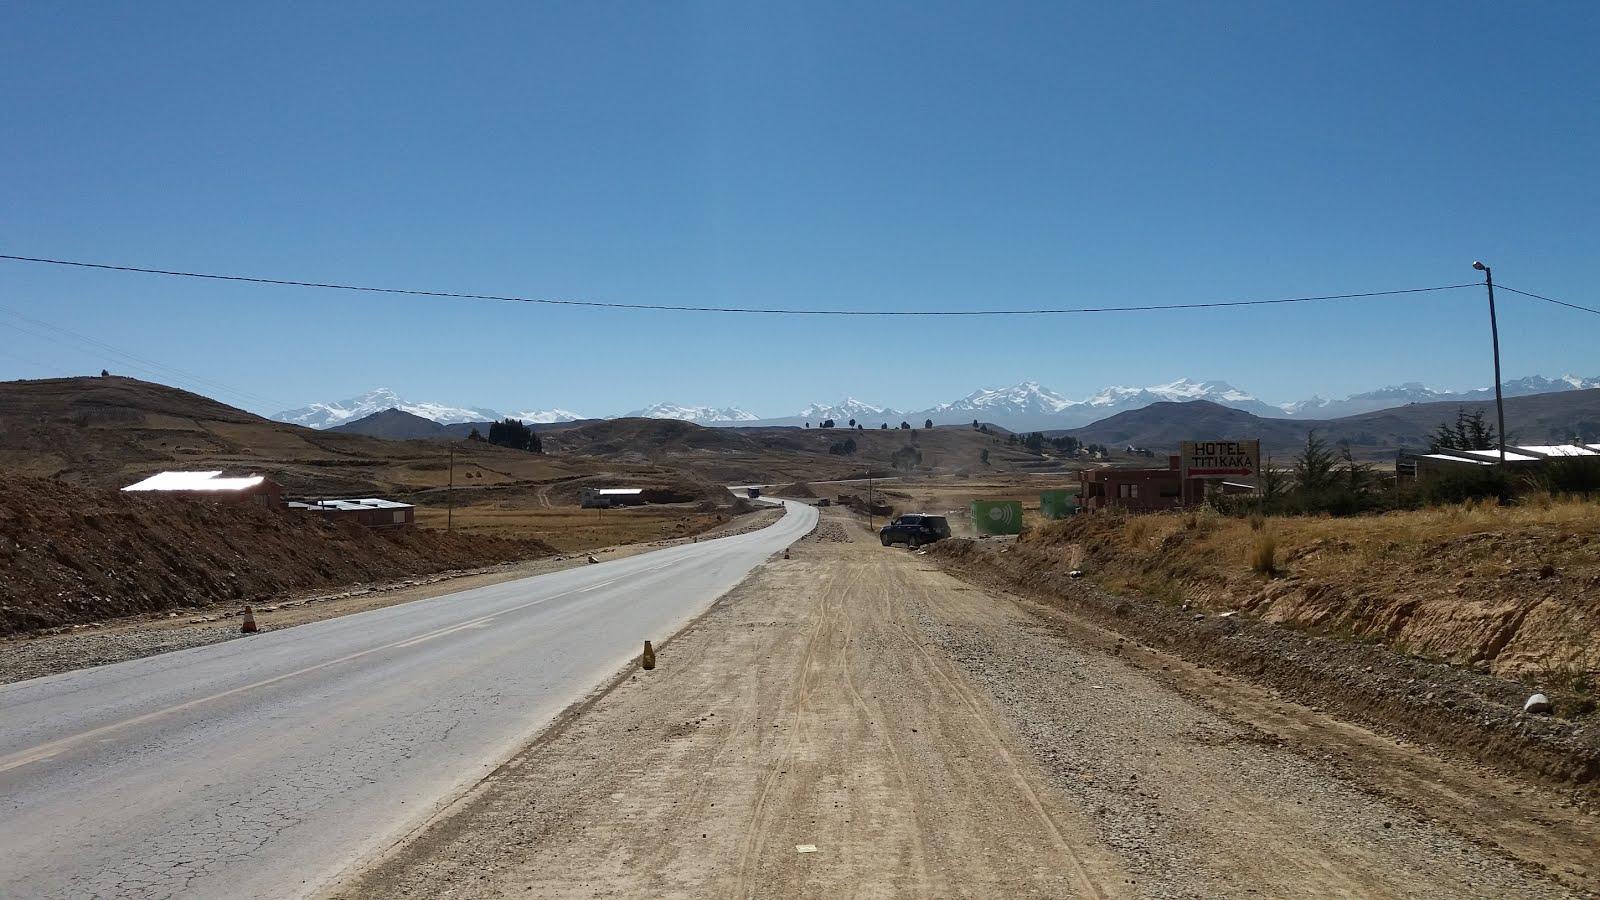 VIAGEM PERU E BOLÍVIA (JULHO/2017) - CUSCO, PUNO, COPACABANA E AREQUIPA - 7.180km - MELHORES FOTOS